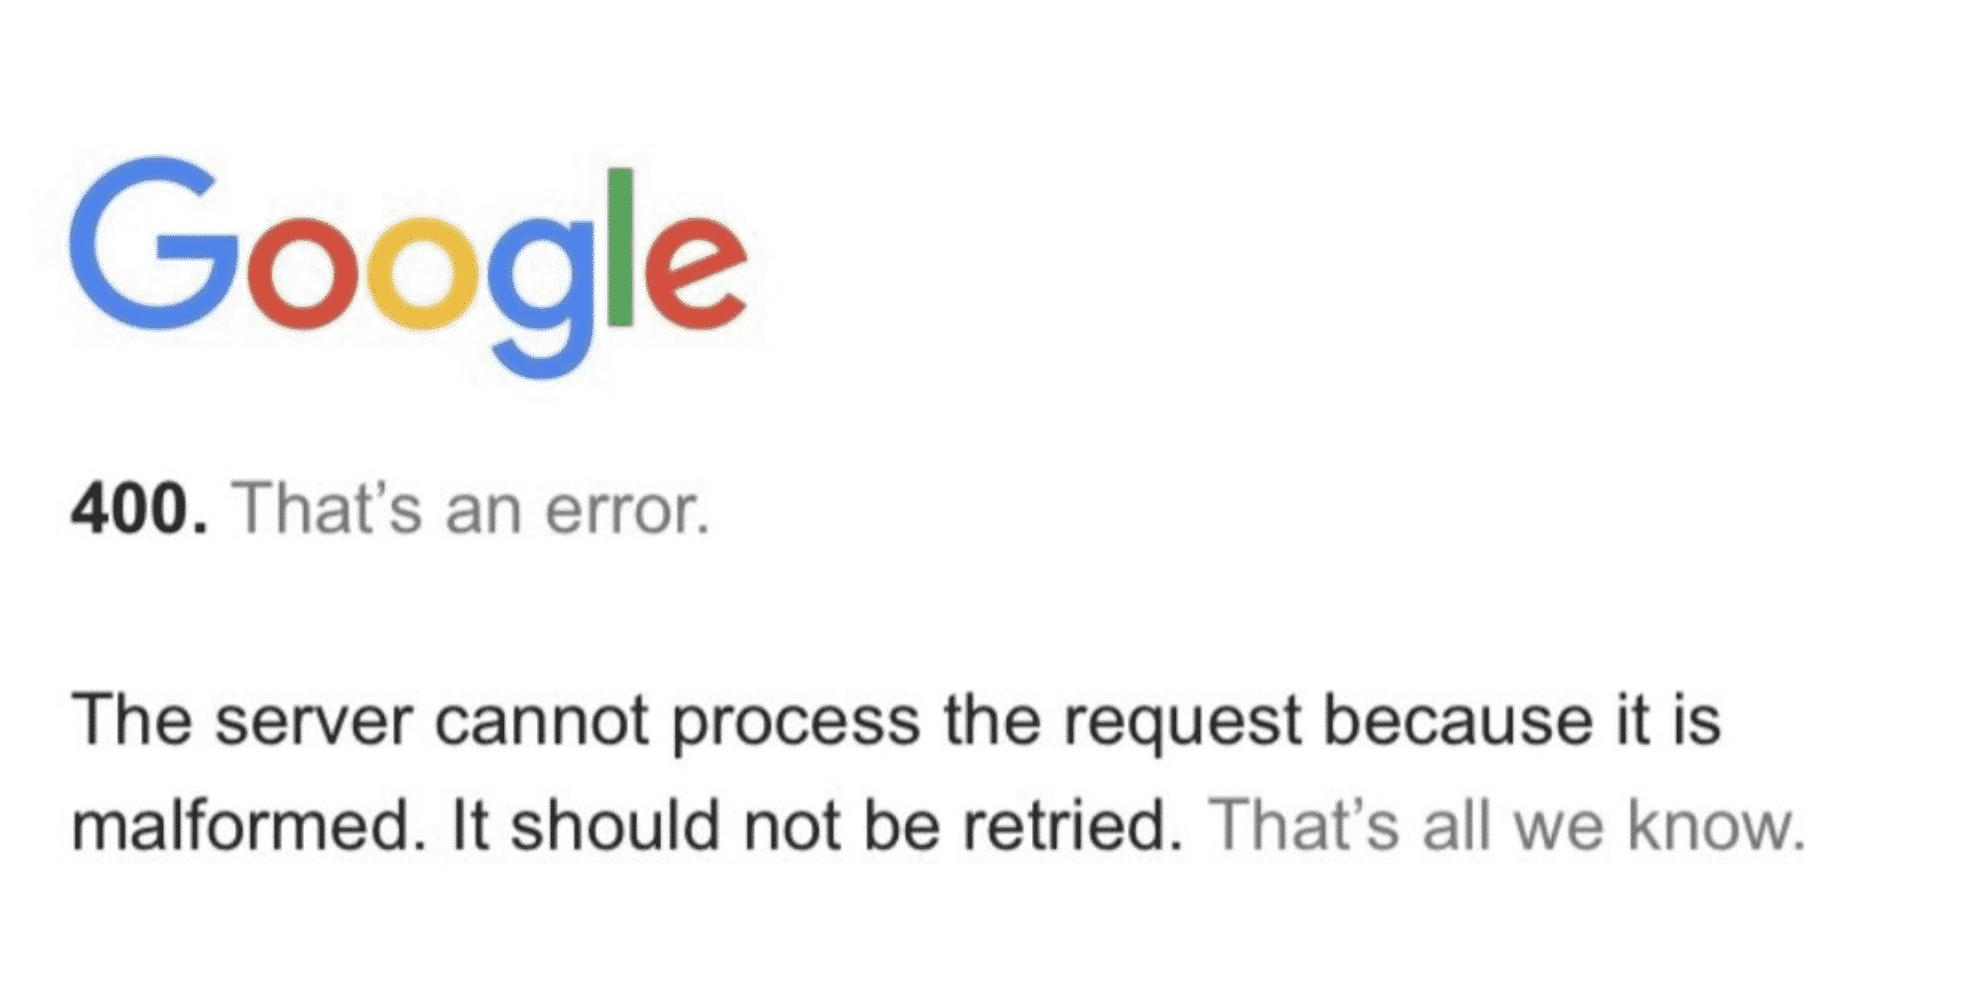 Google is down worldwide